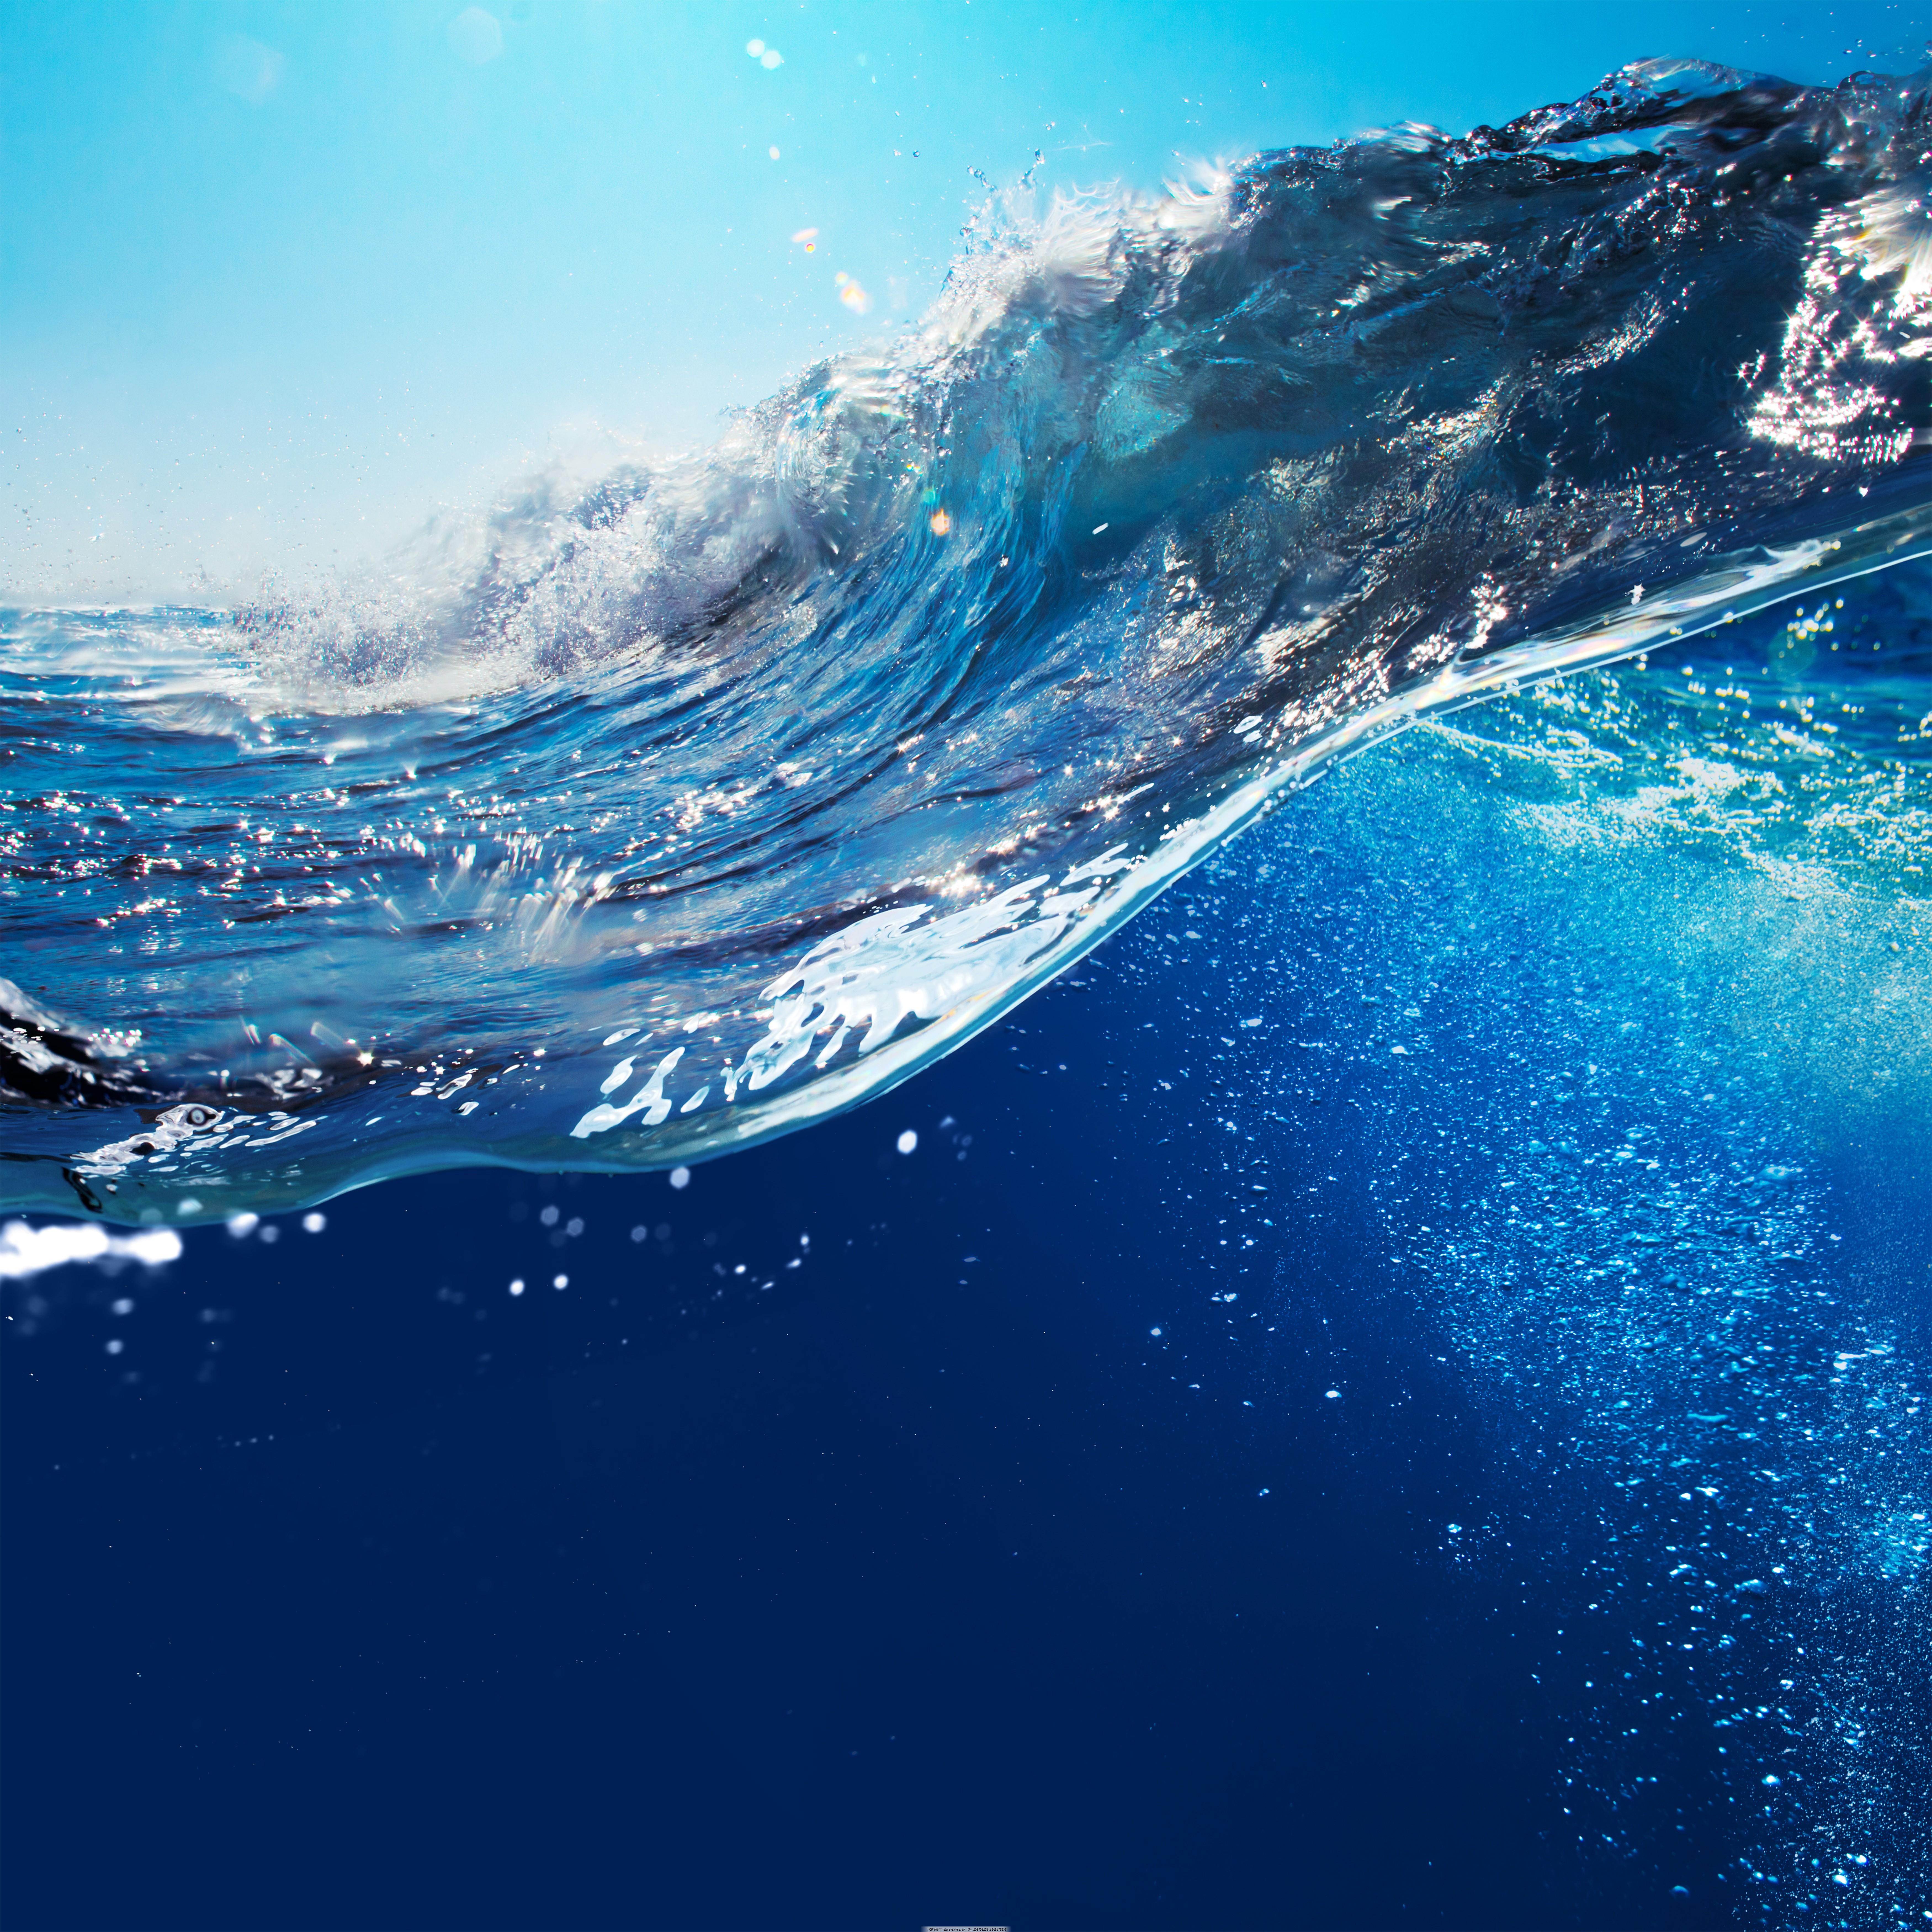 浪花与海底世界图片素材 海底世界 海水 浪花 水纹背景 蓝色海洋 大海